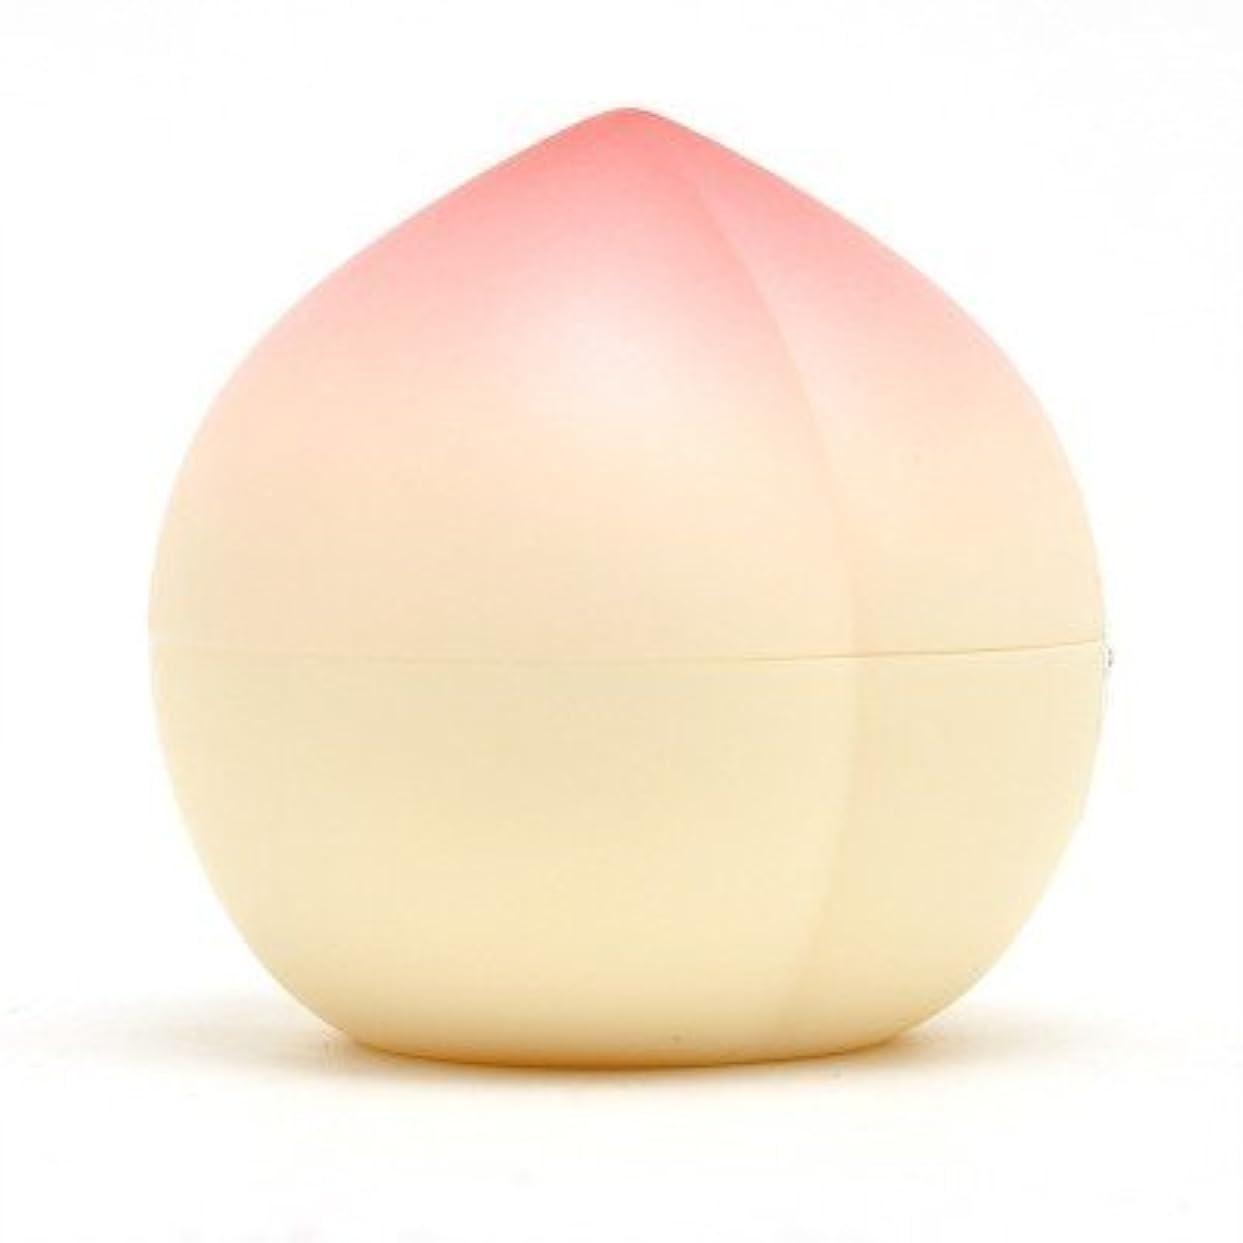 急いで仕事に行く弁護人TONYMOLY トニーモリー ピーチ?ハンドクリーム 30g (Peach Antiaging Hand Cream) 海外直送品